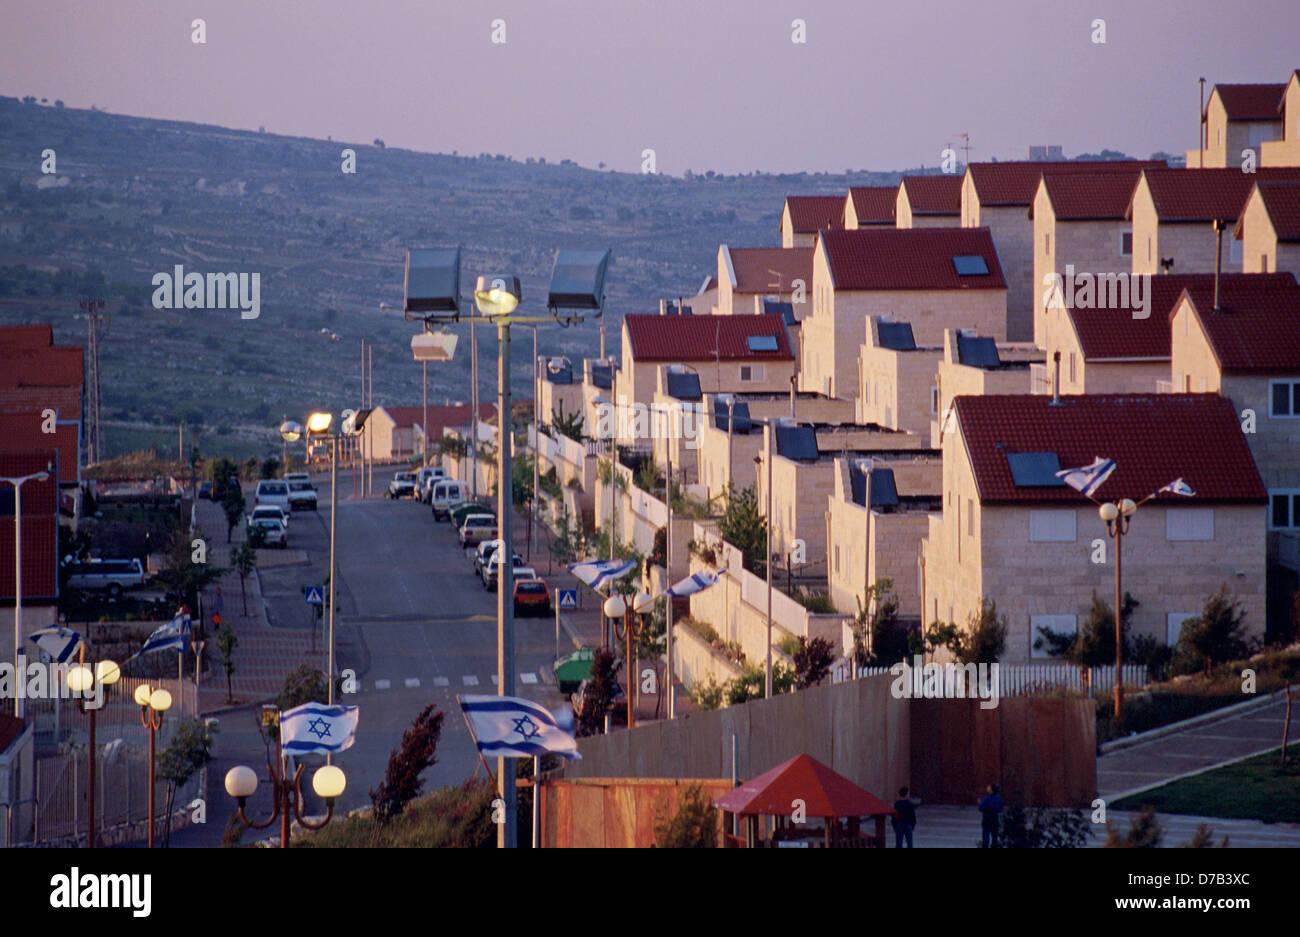 Efrat settlement, gush etzion - Stock Image